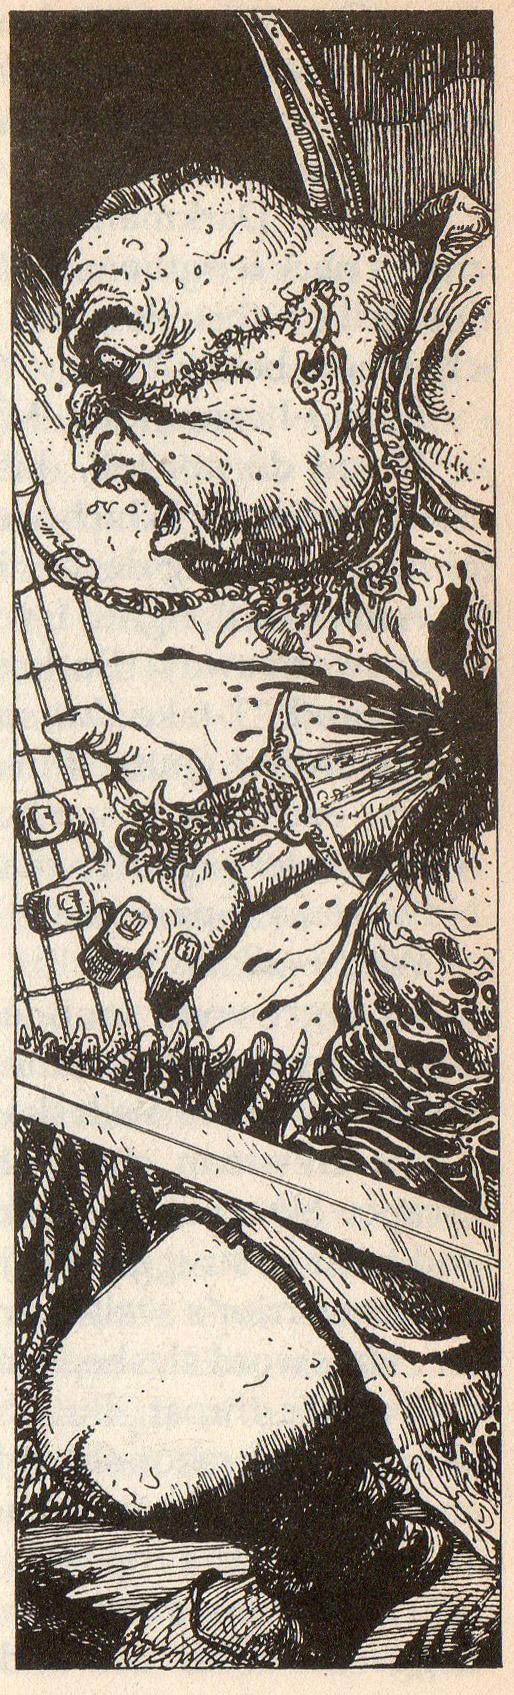 La Créature venue du Chaos - Page 15 Vallas11